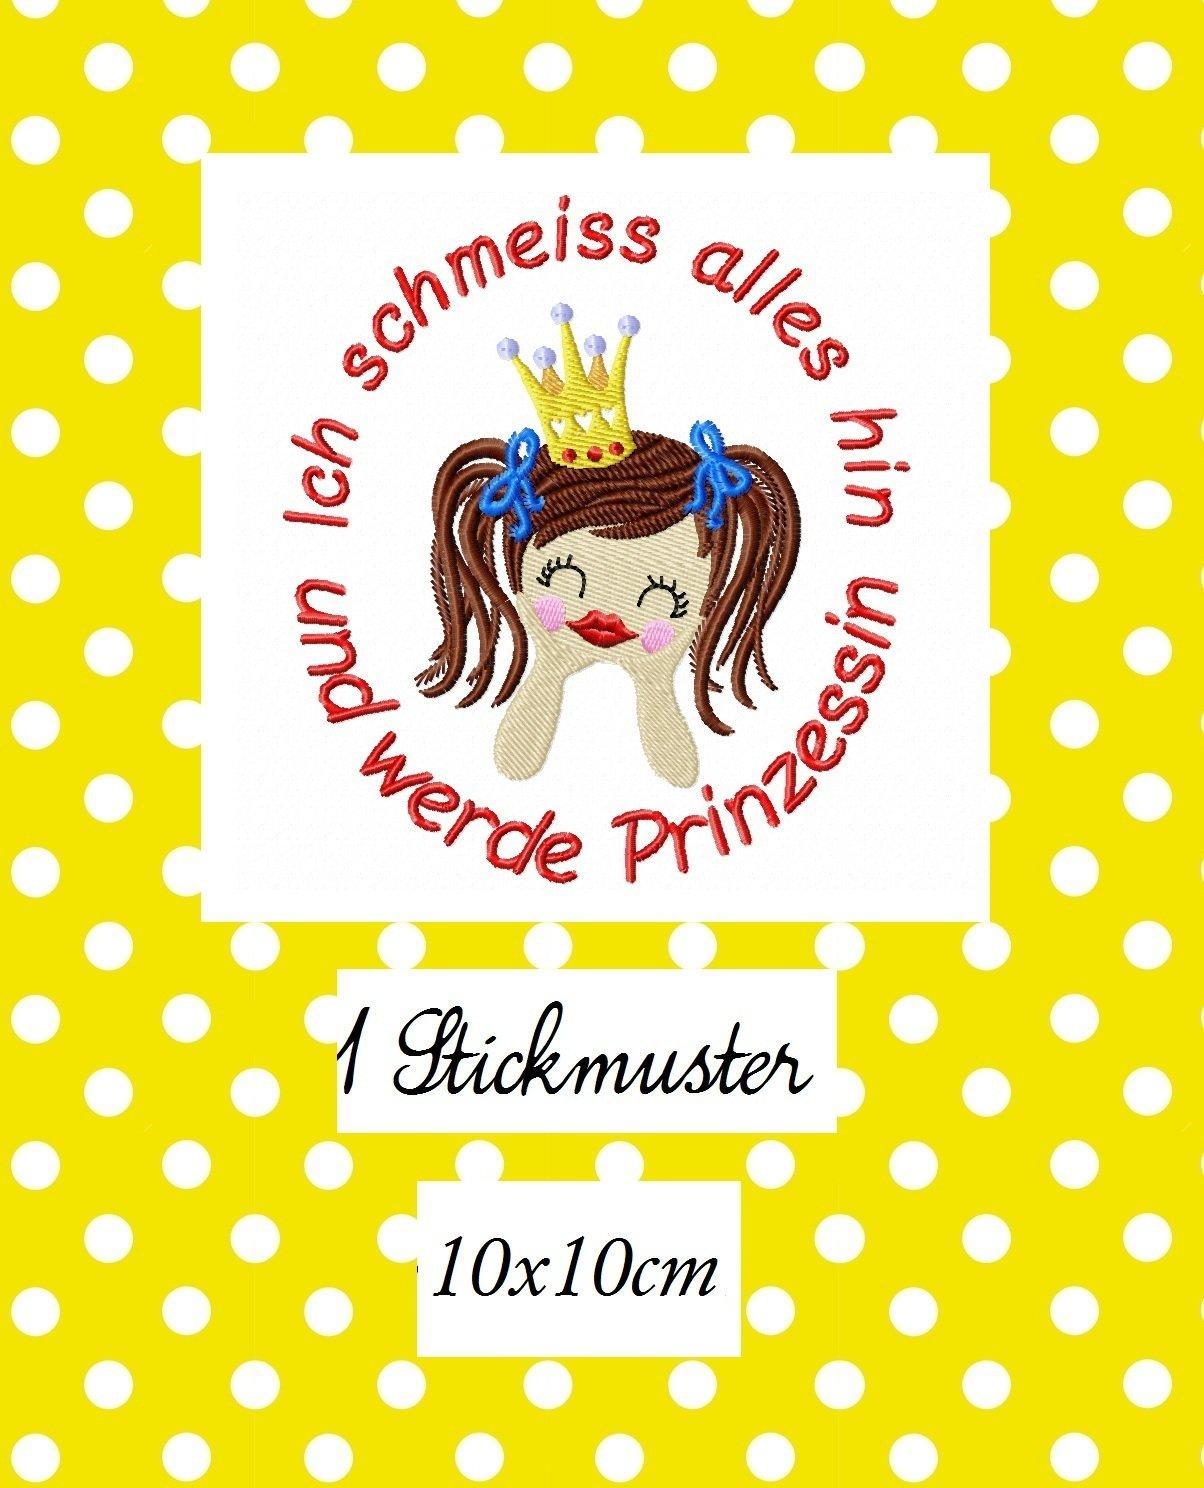 ♥Ich schmeiss alles hin und werde Prinzessin♥ STICKMUSTER 10x10cm